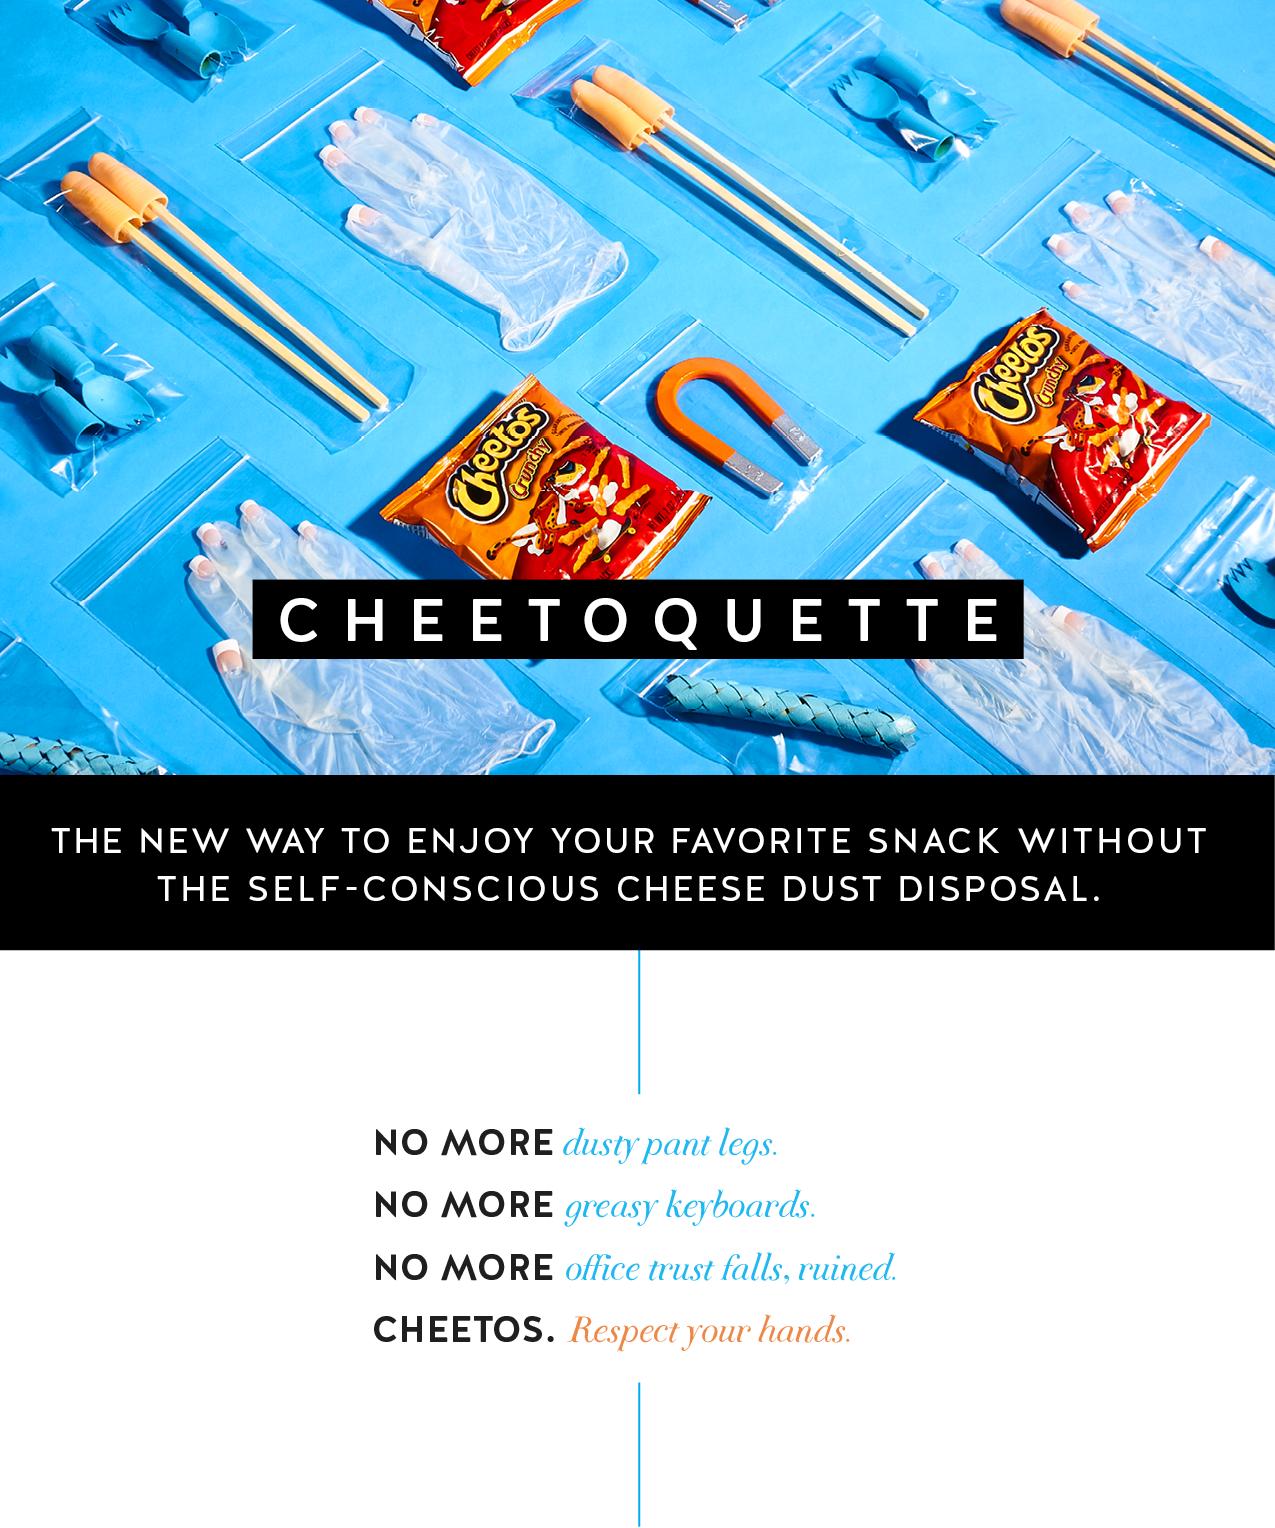 cheetos1.png